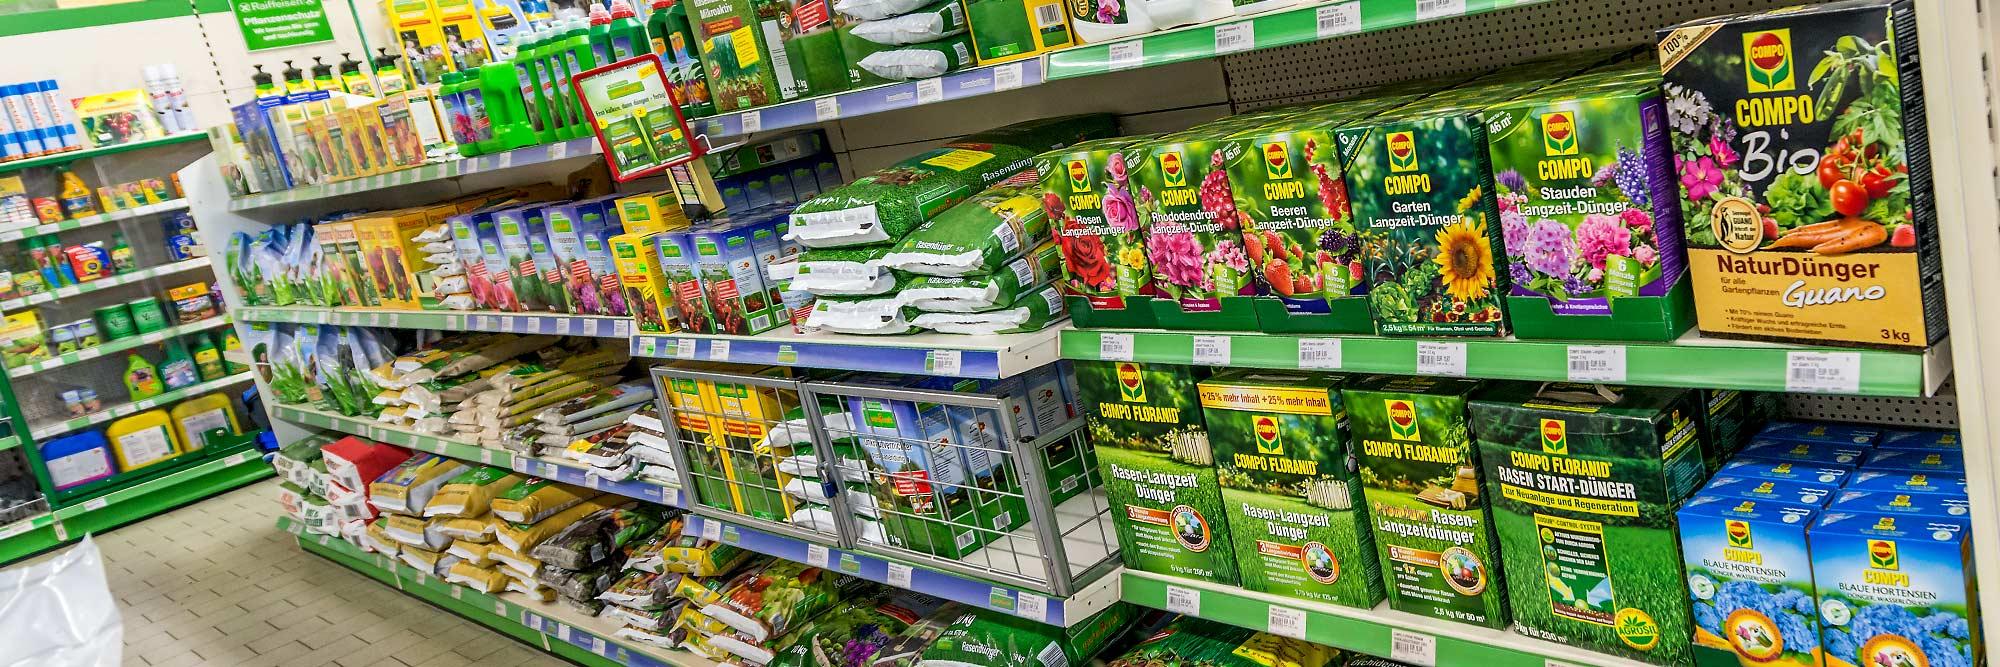 Raiffeisen Markt Ottmarsbocholt Dünger